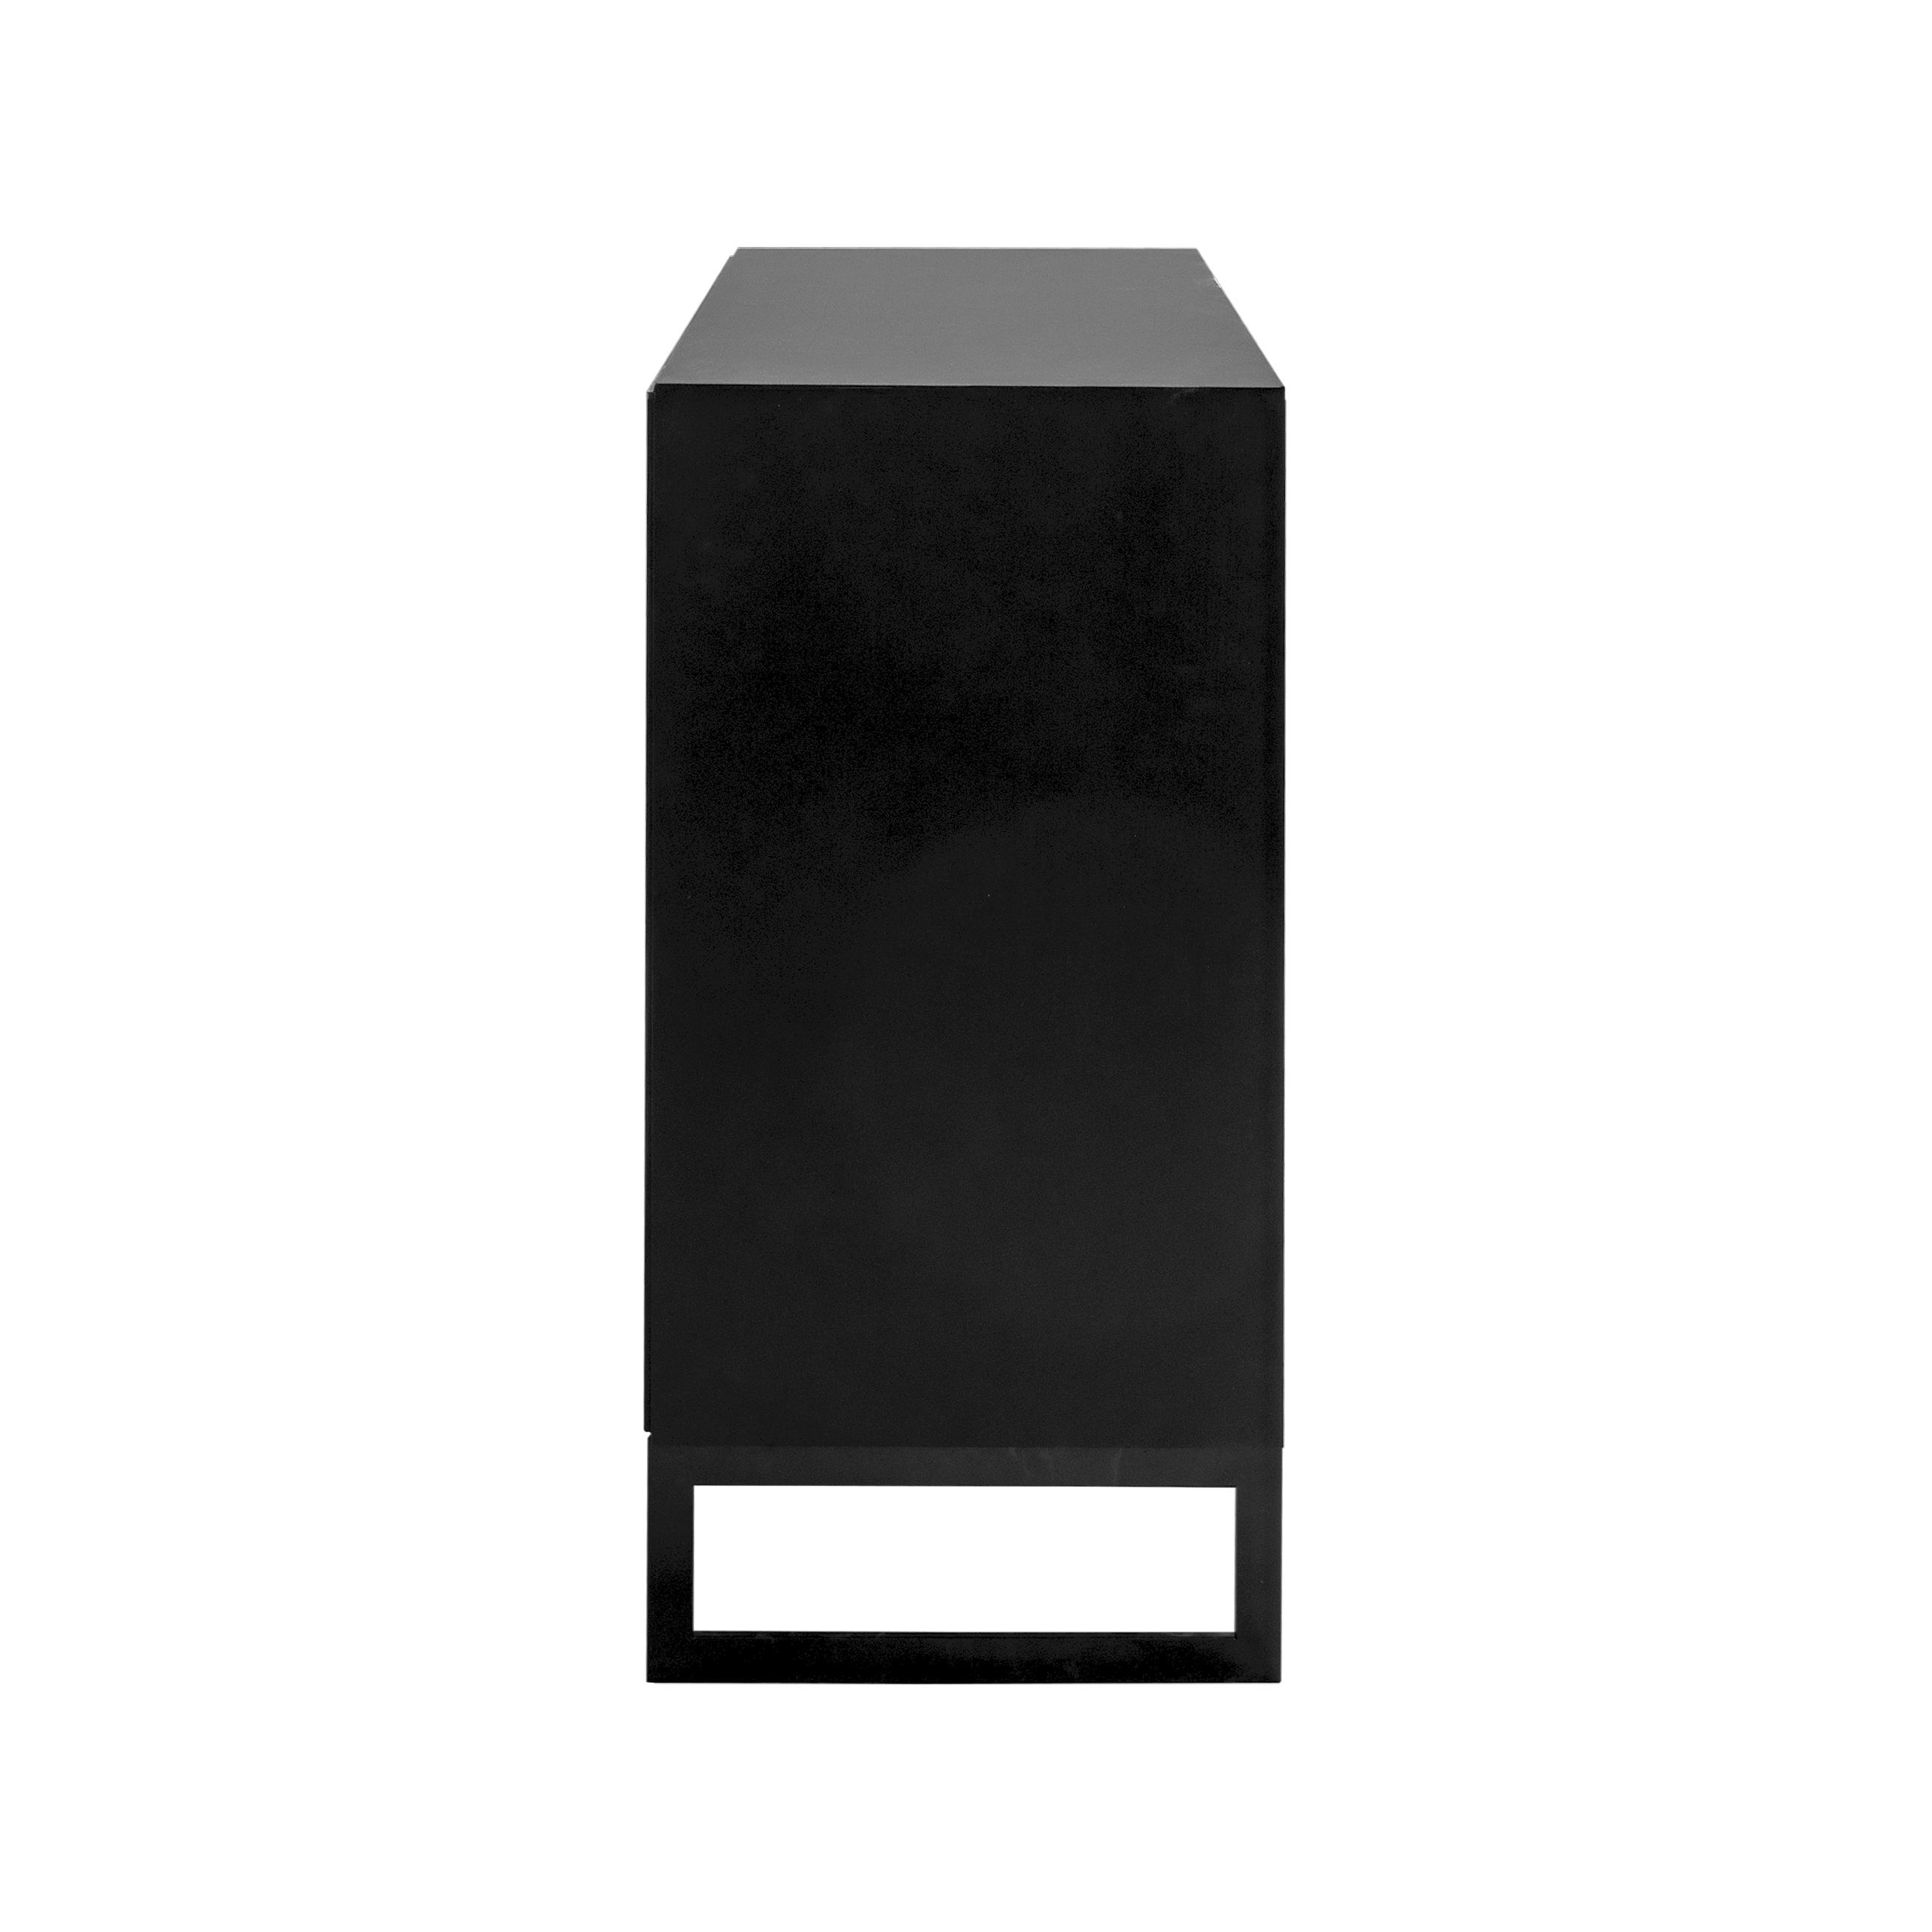 Line Skänk hög 2 dörrar Black med benställning från sidan - englesson.se